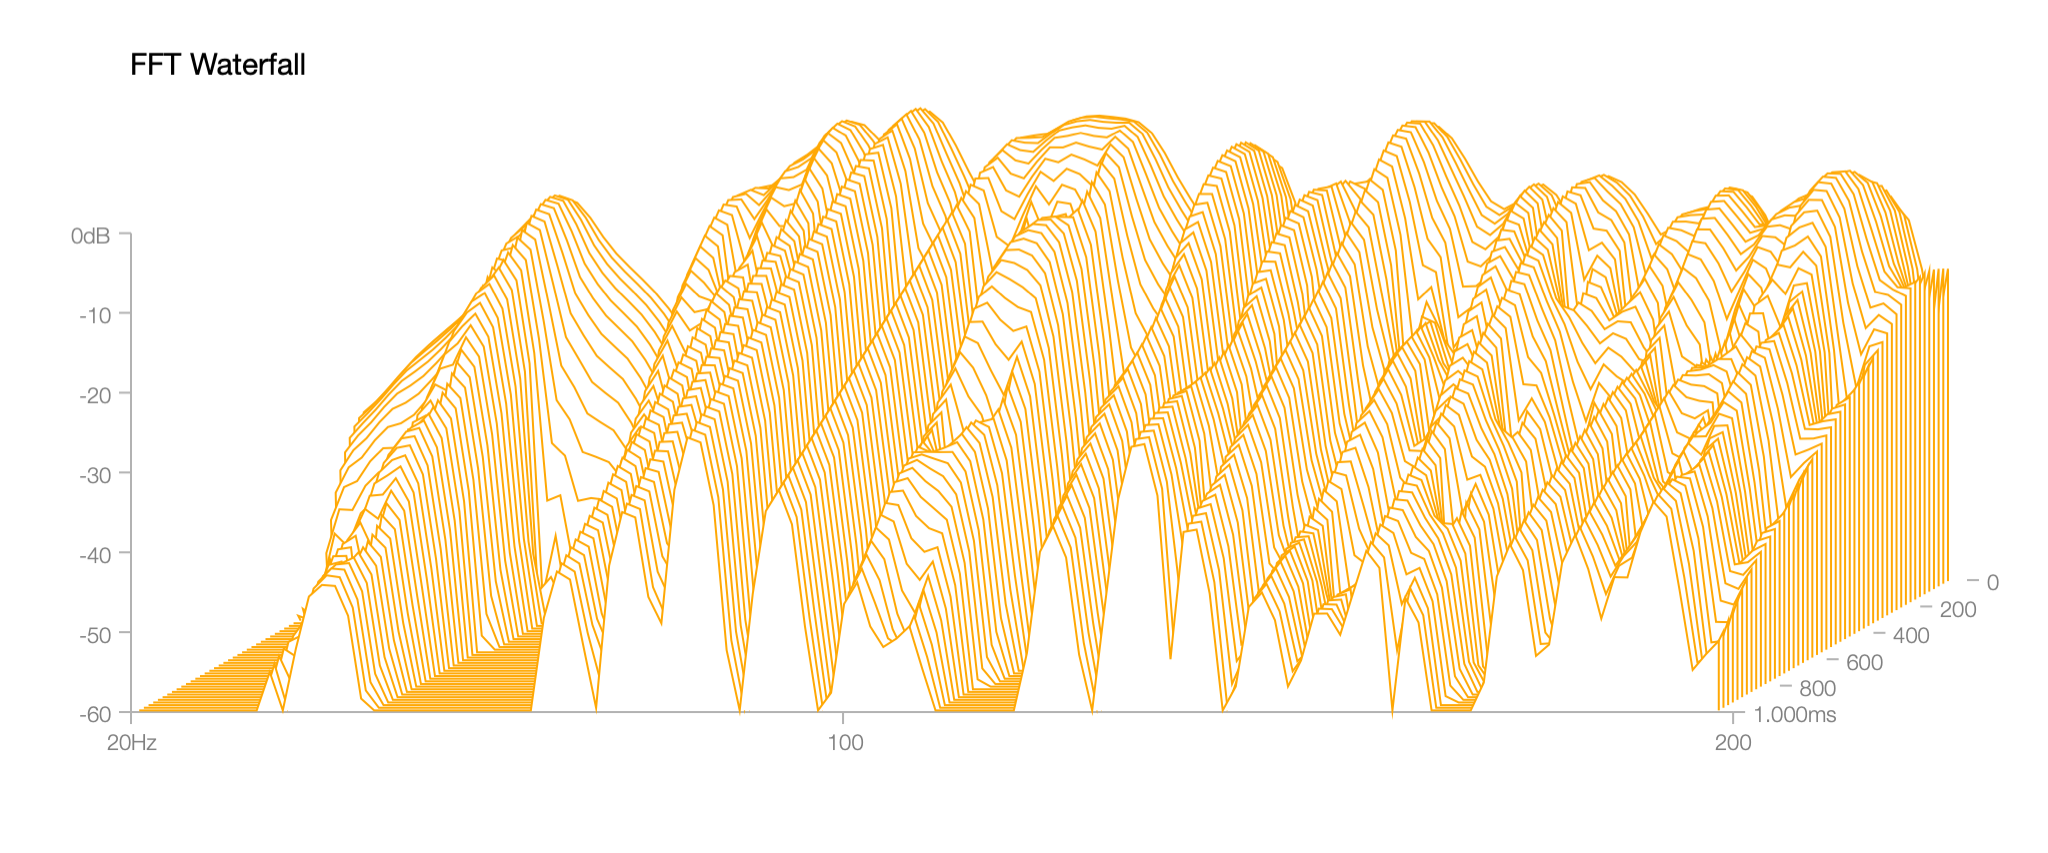 Wasserfalldiagramm tiefer Frequenzen im  unbehandelten Raum